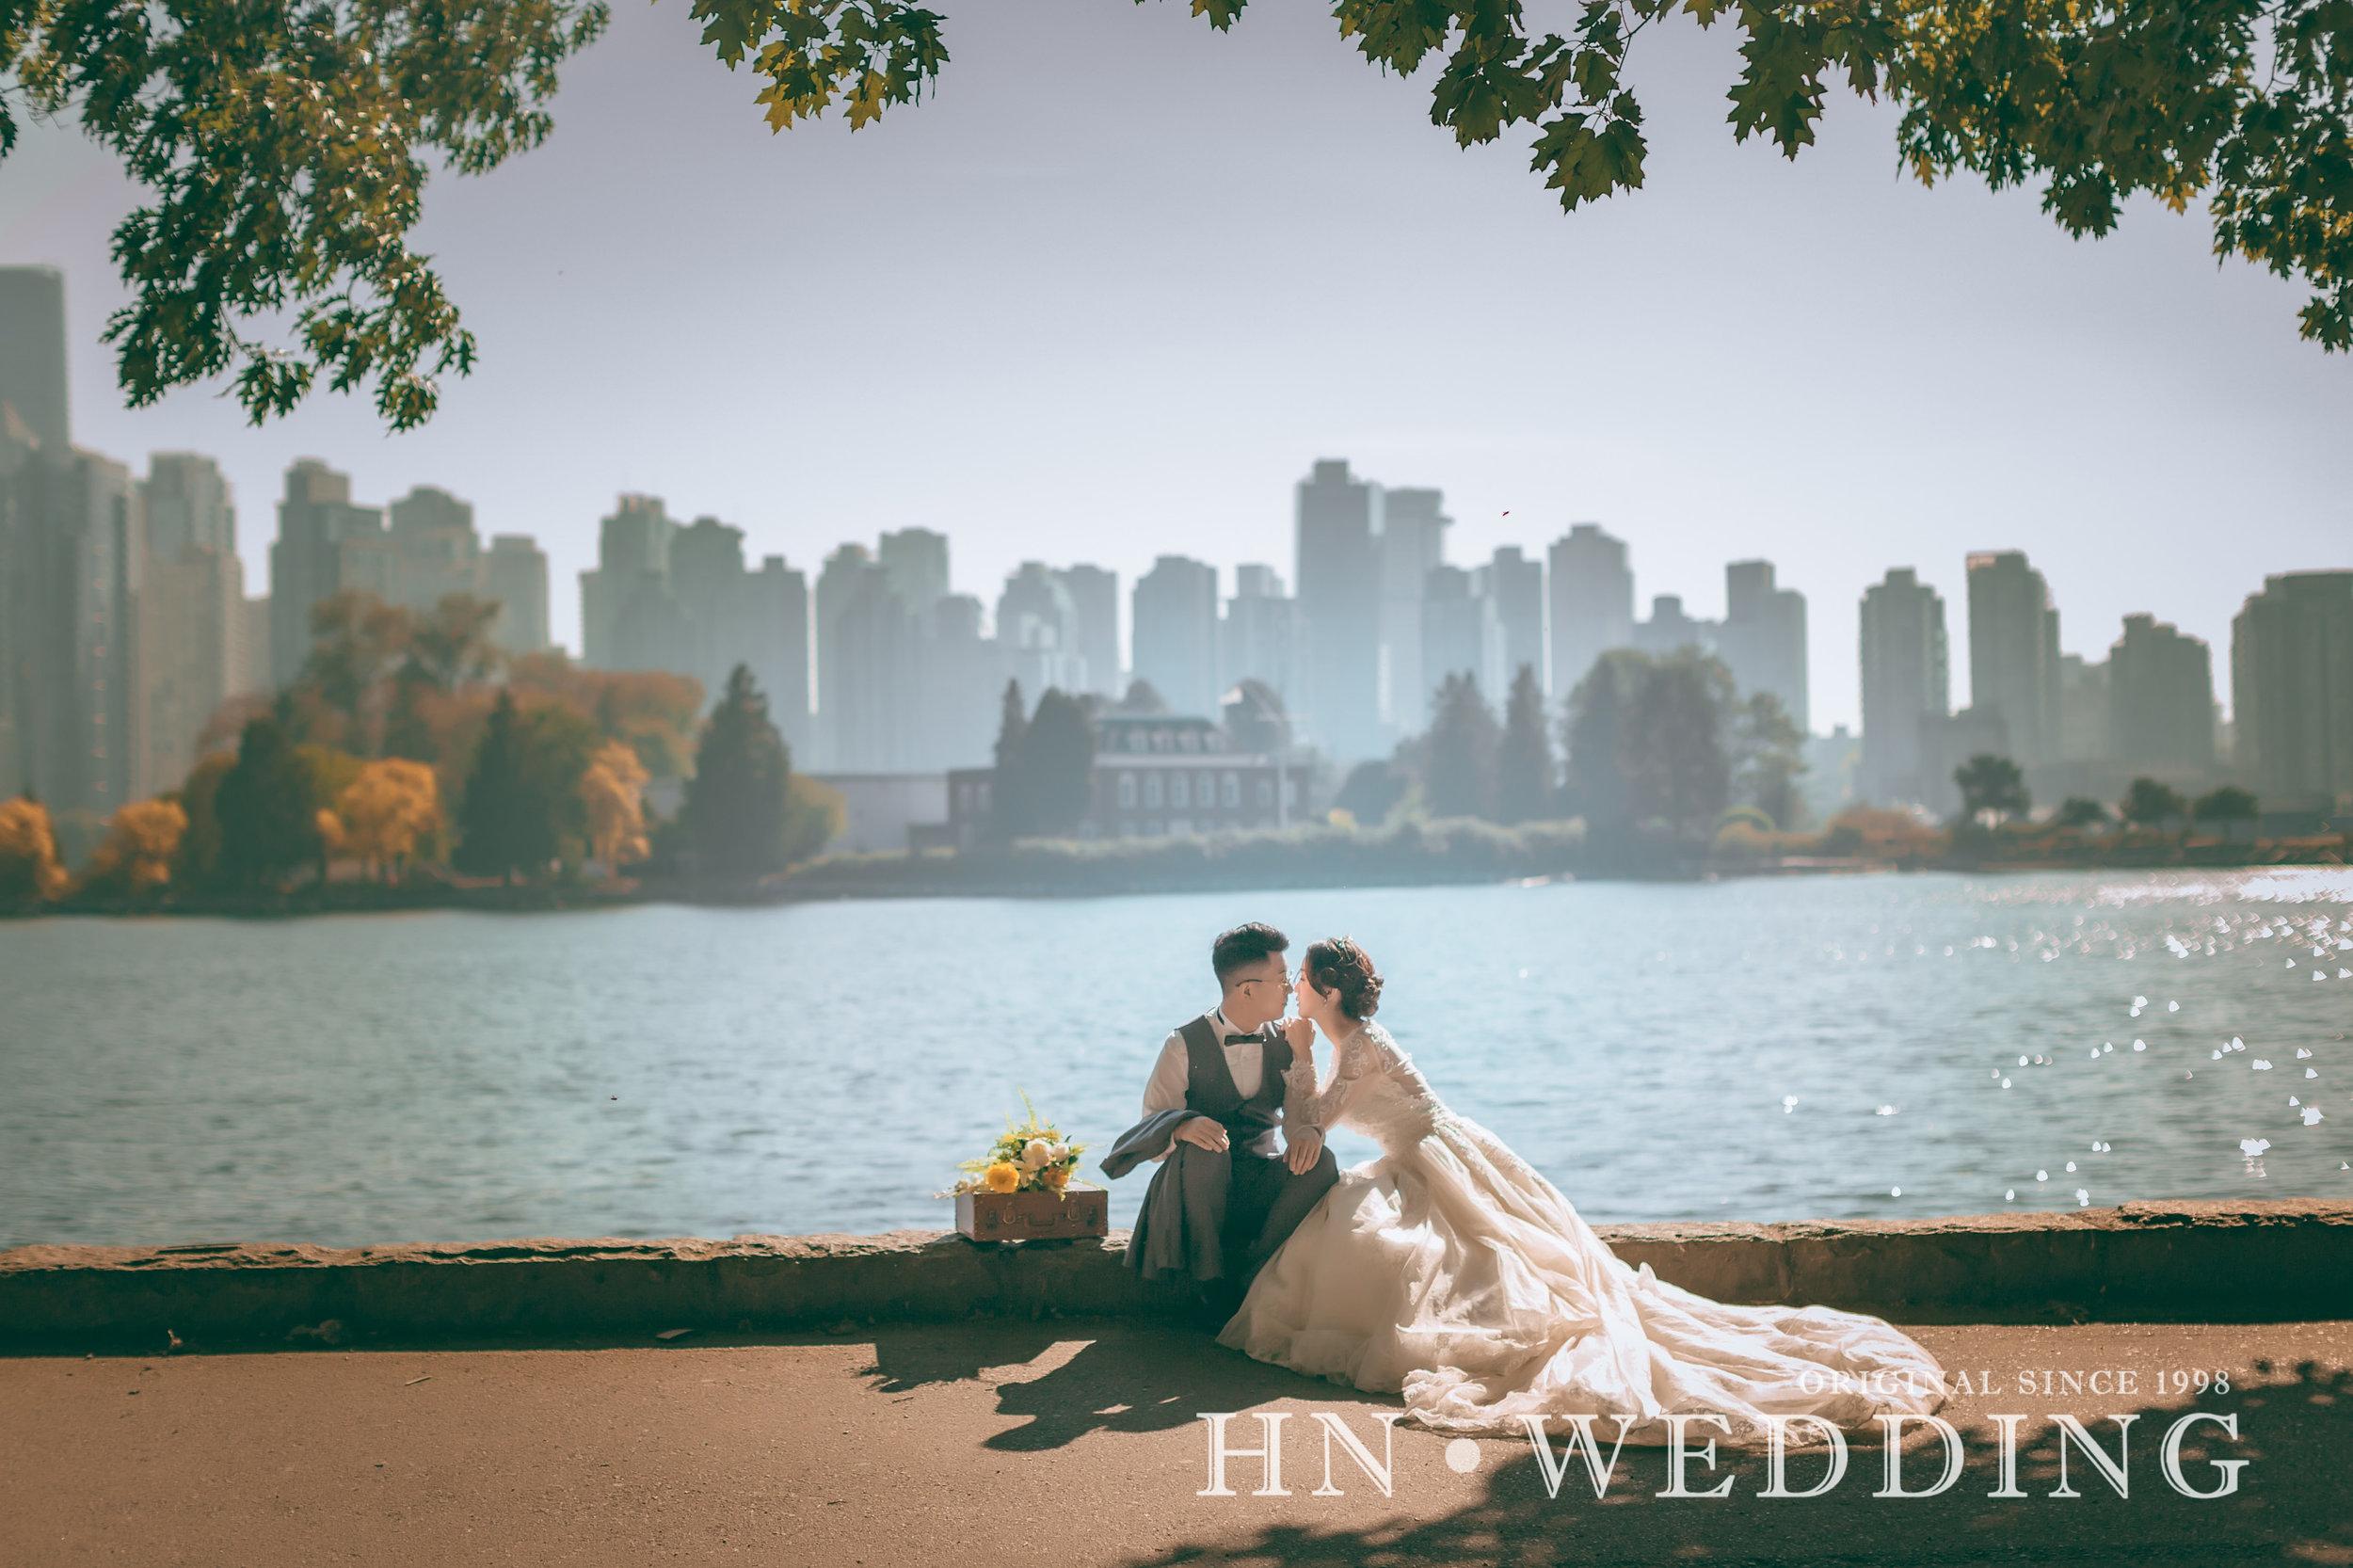 hnweddingprewedding0905--19.jpg